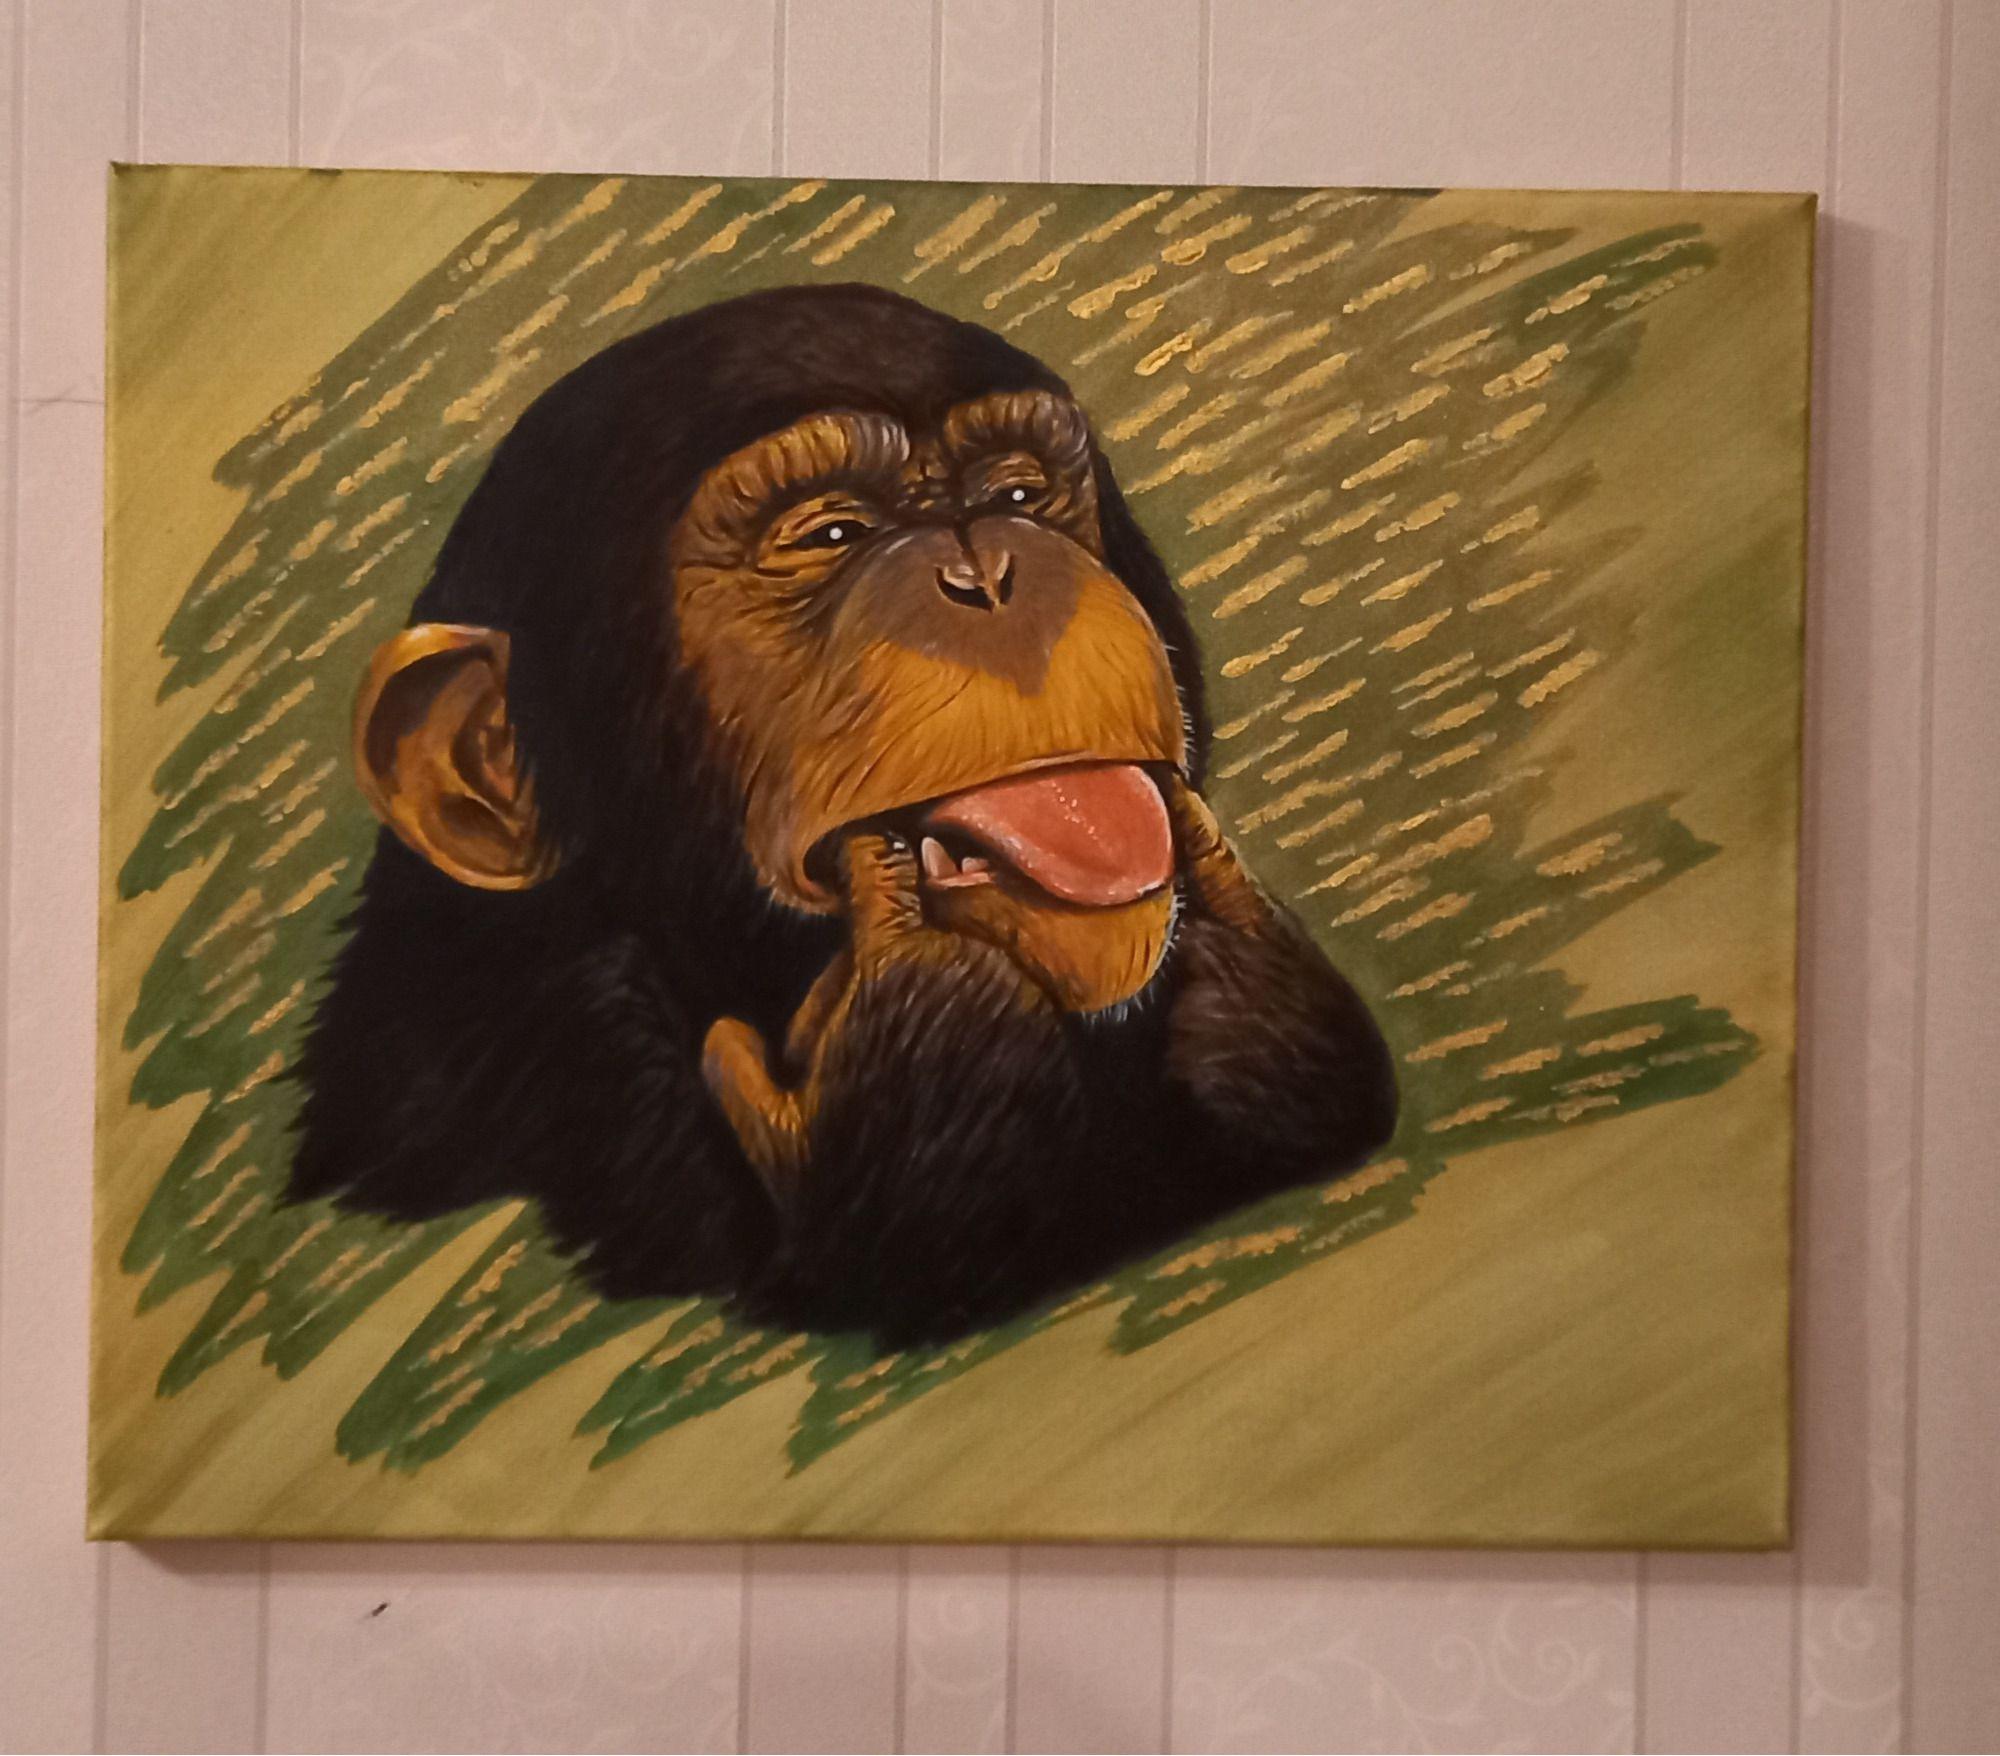 Funny monkey - 2/3